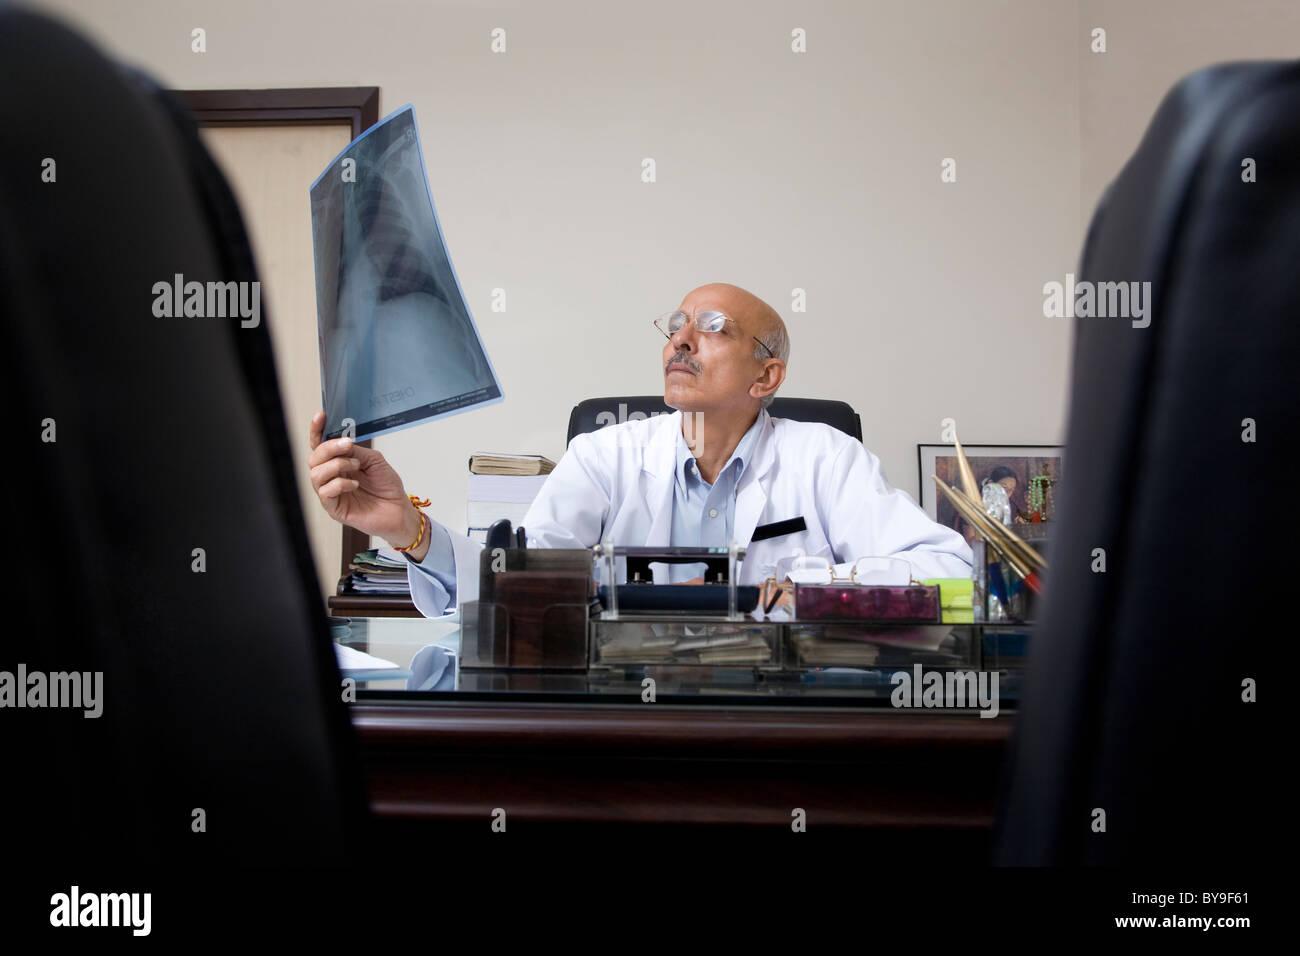 Arzt eine Röntgenaufnahme zu betrachten Stockbild